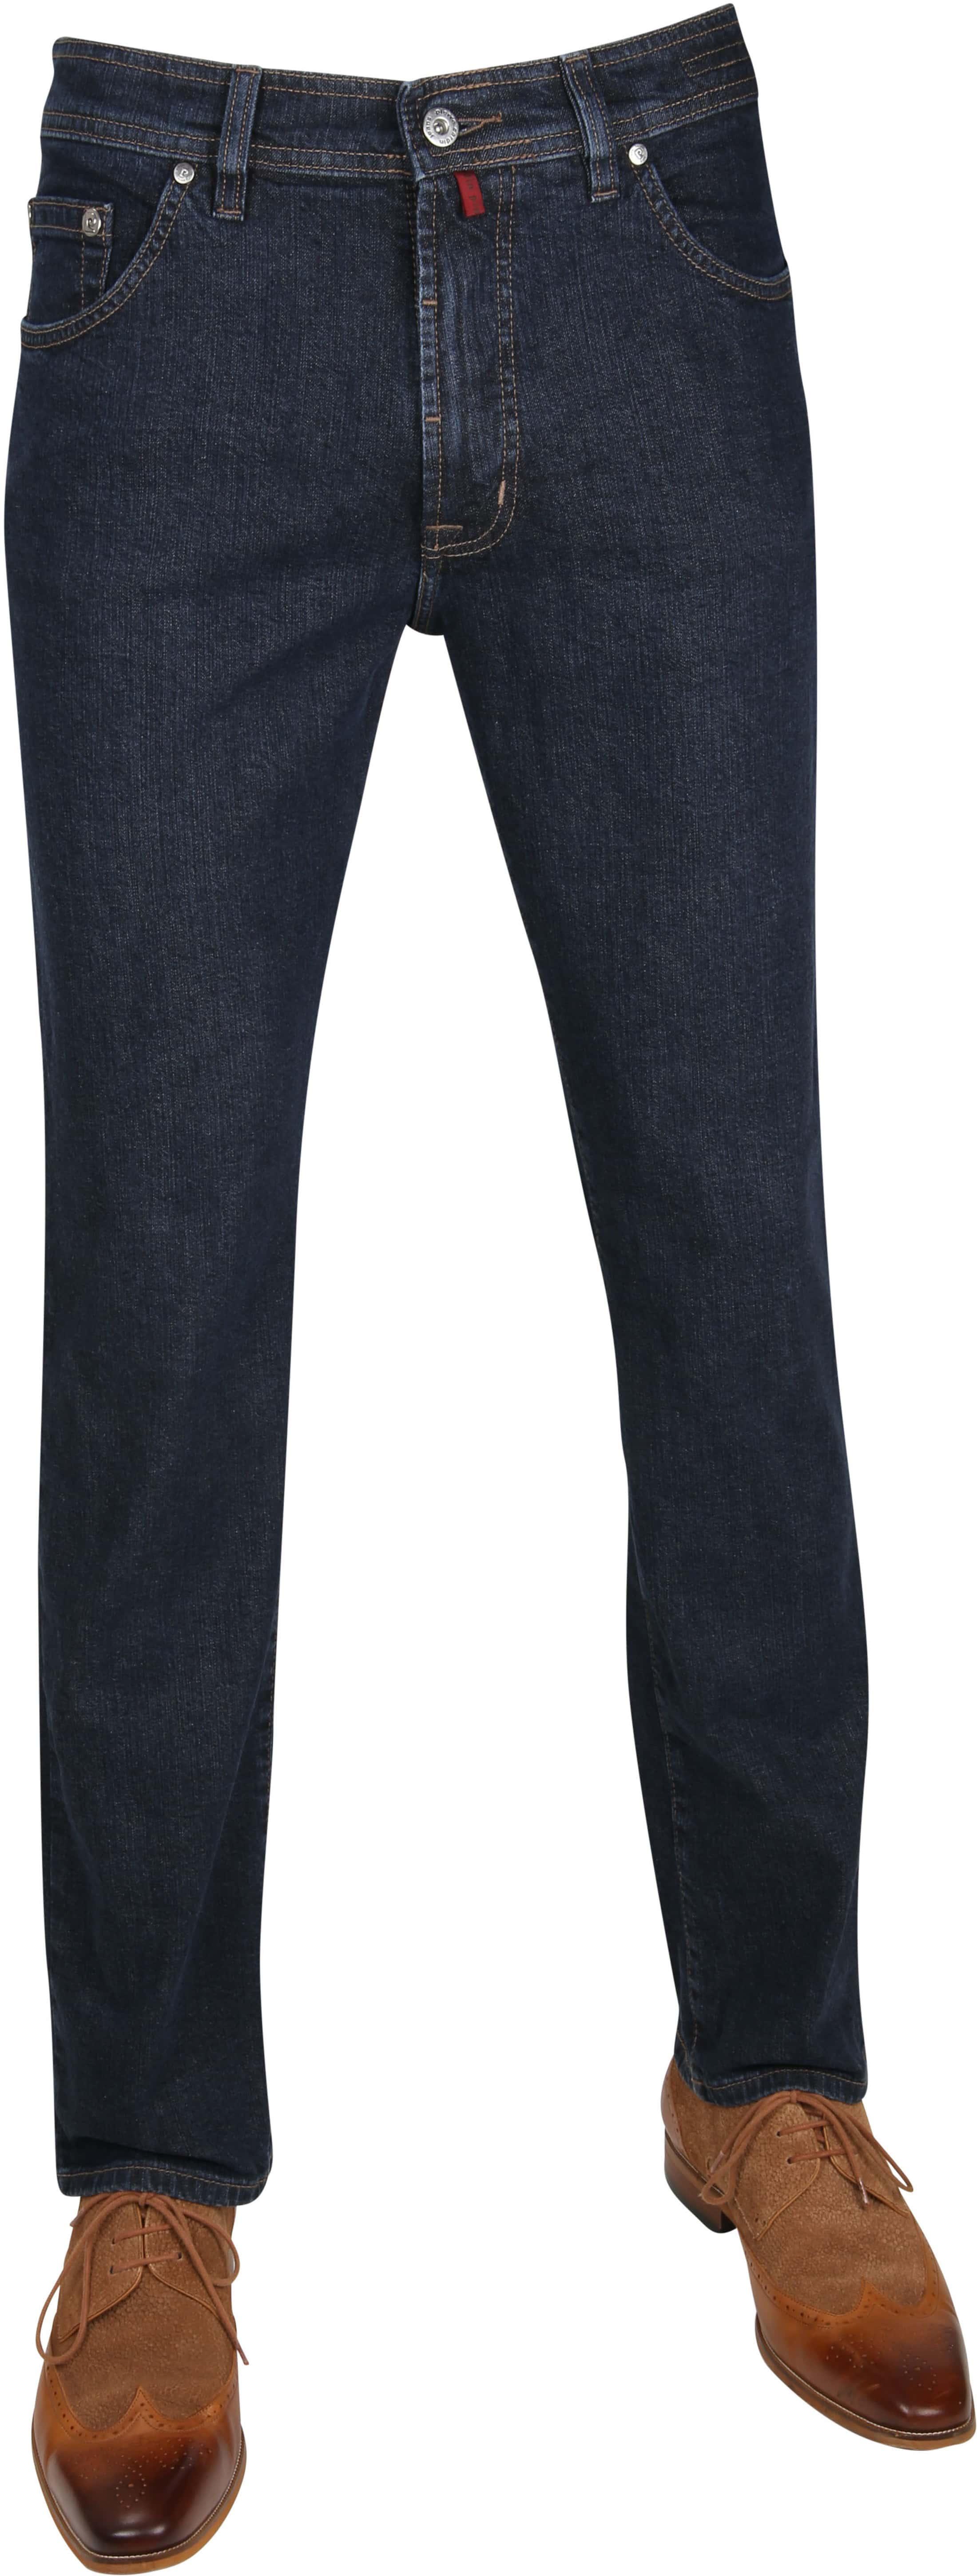 Pierre Cardin Jeans Dijon Navy foto 0